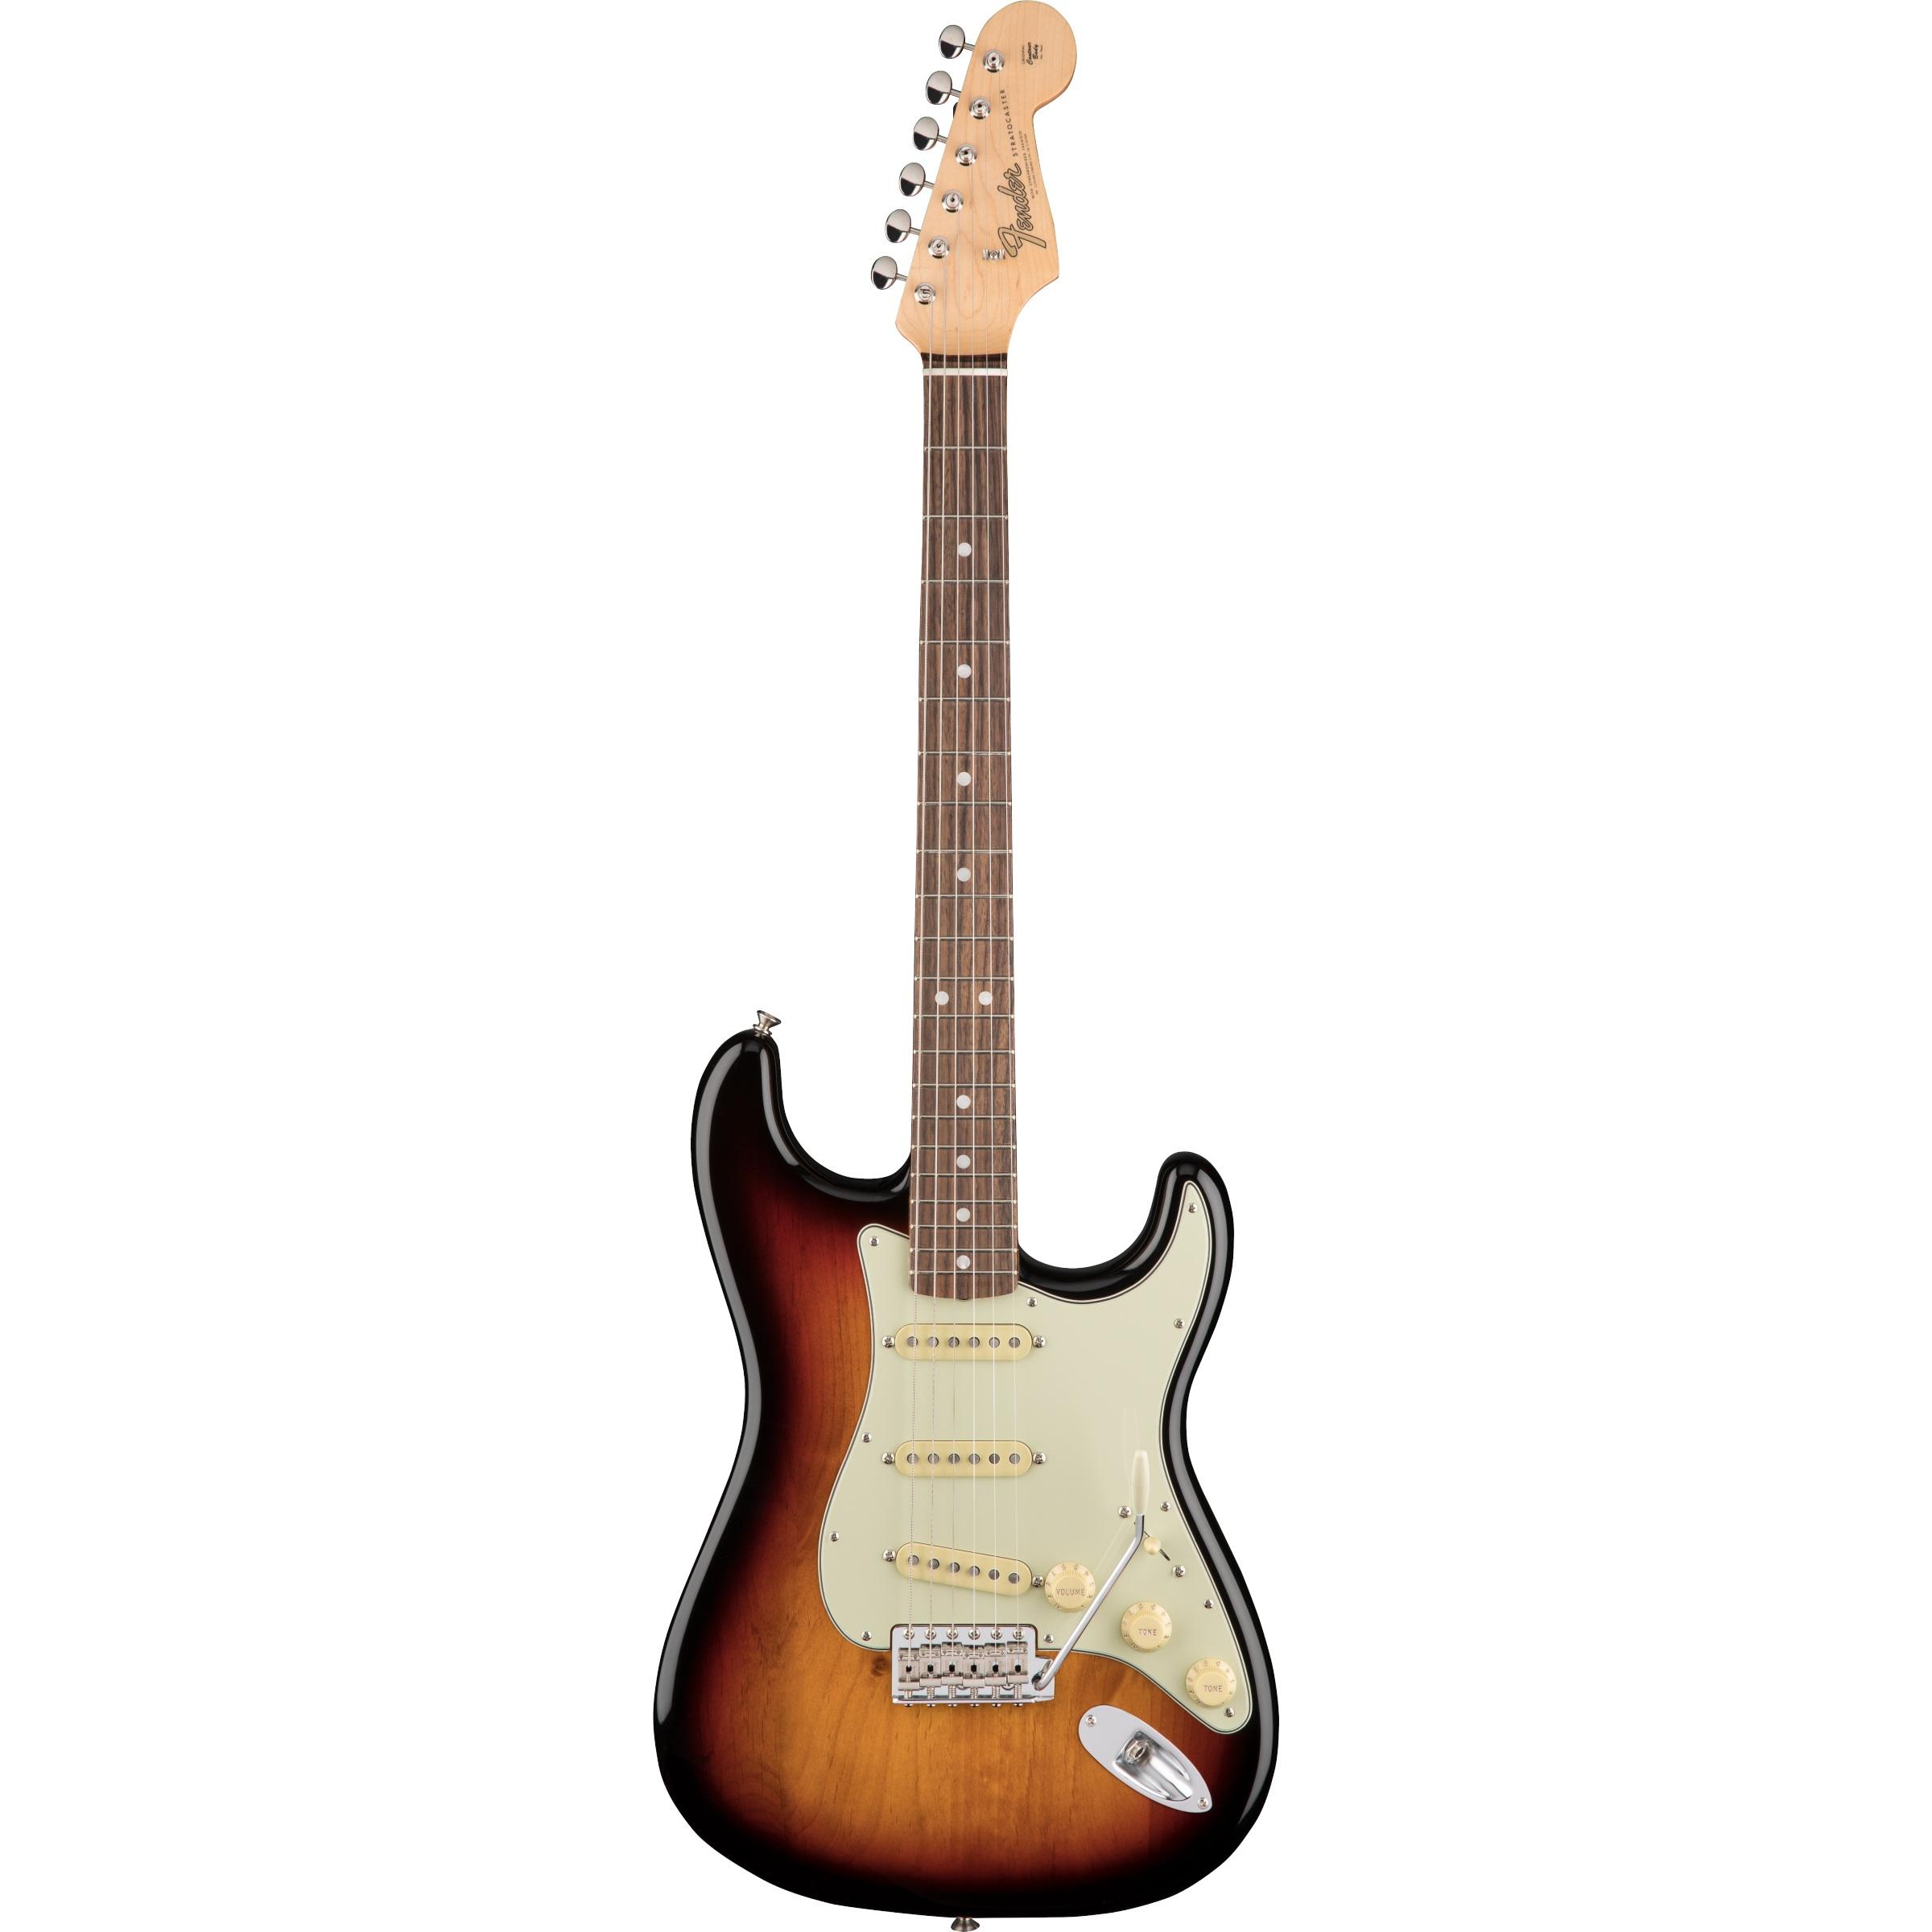 Fender American Original 60s Strat 3-Color Sunburst